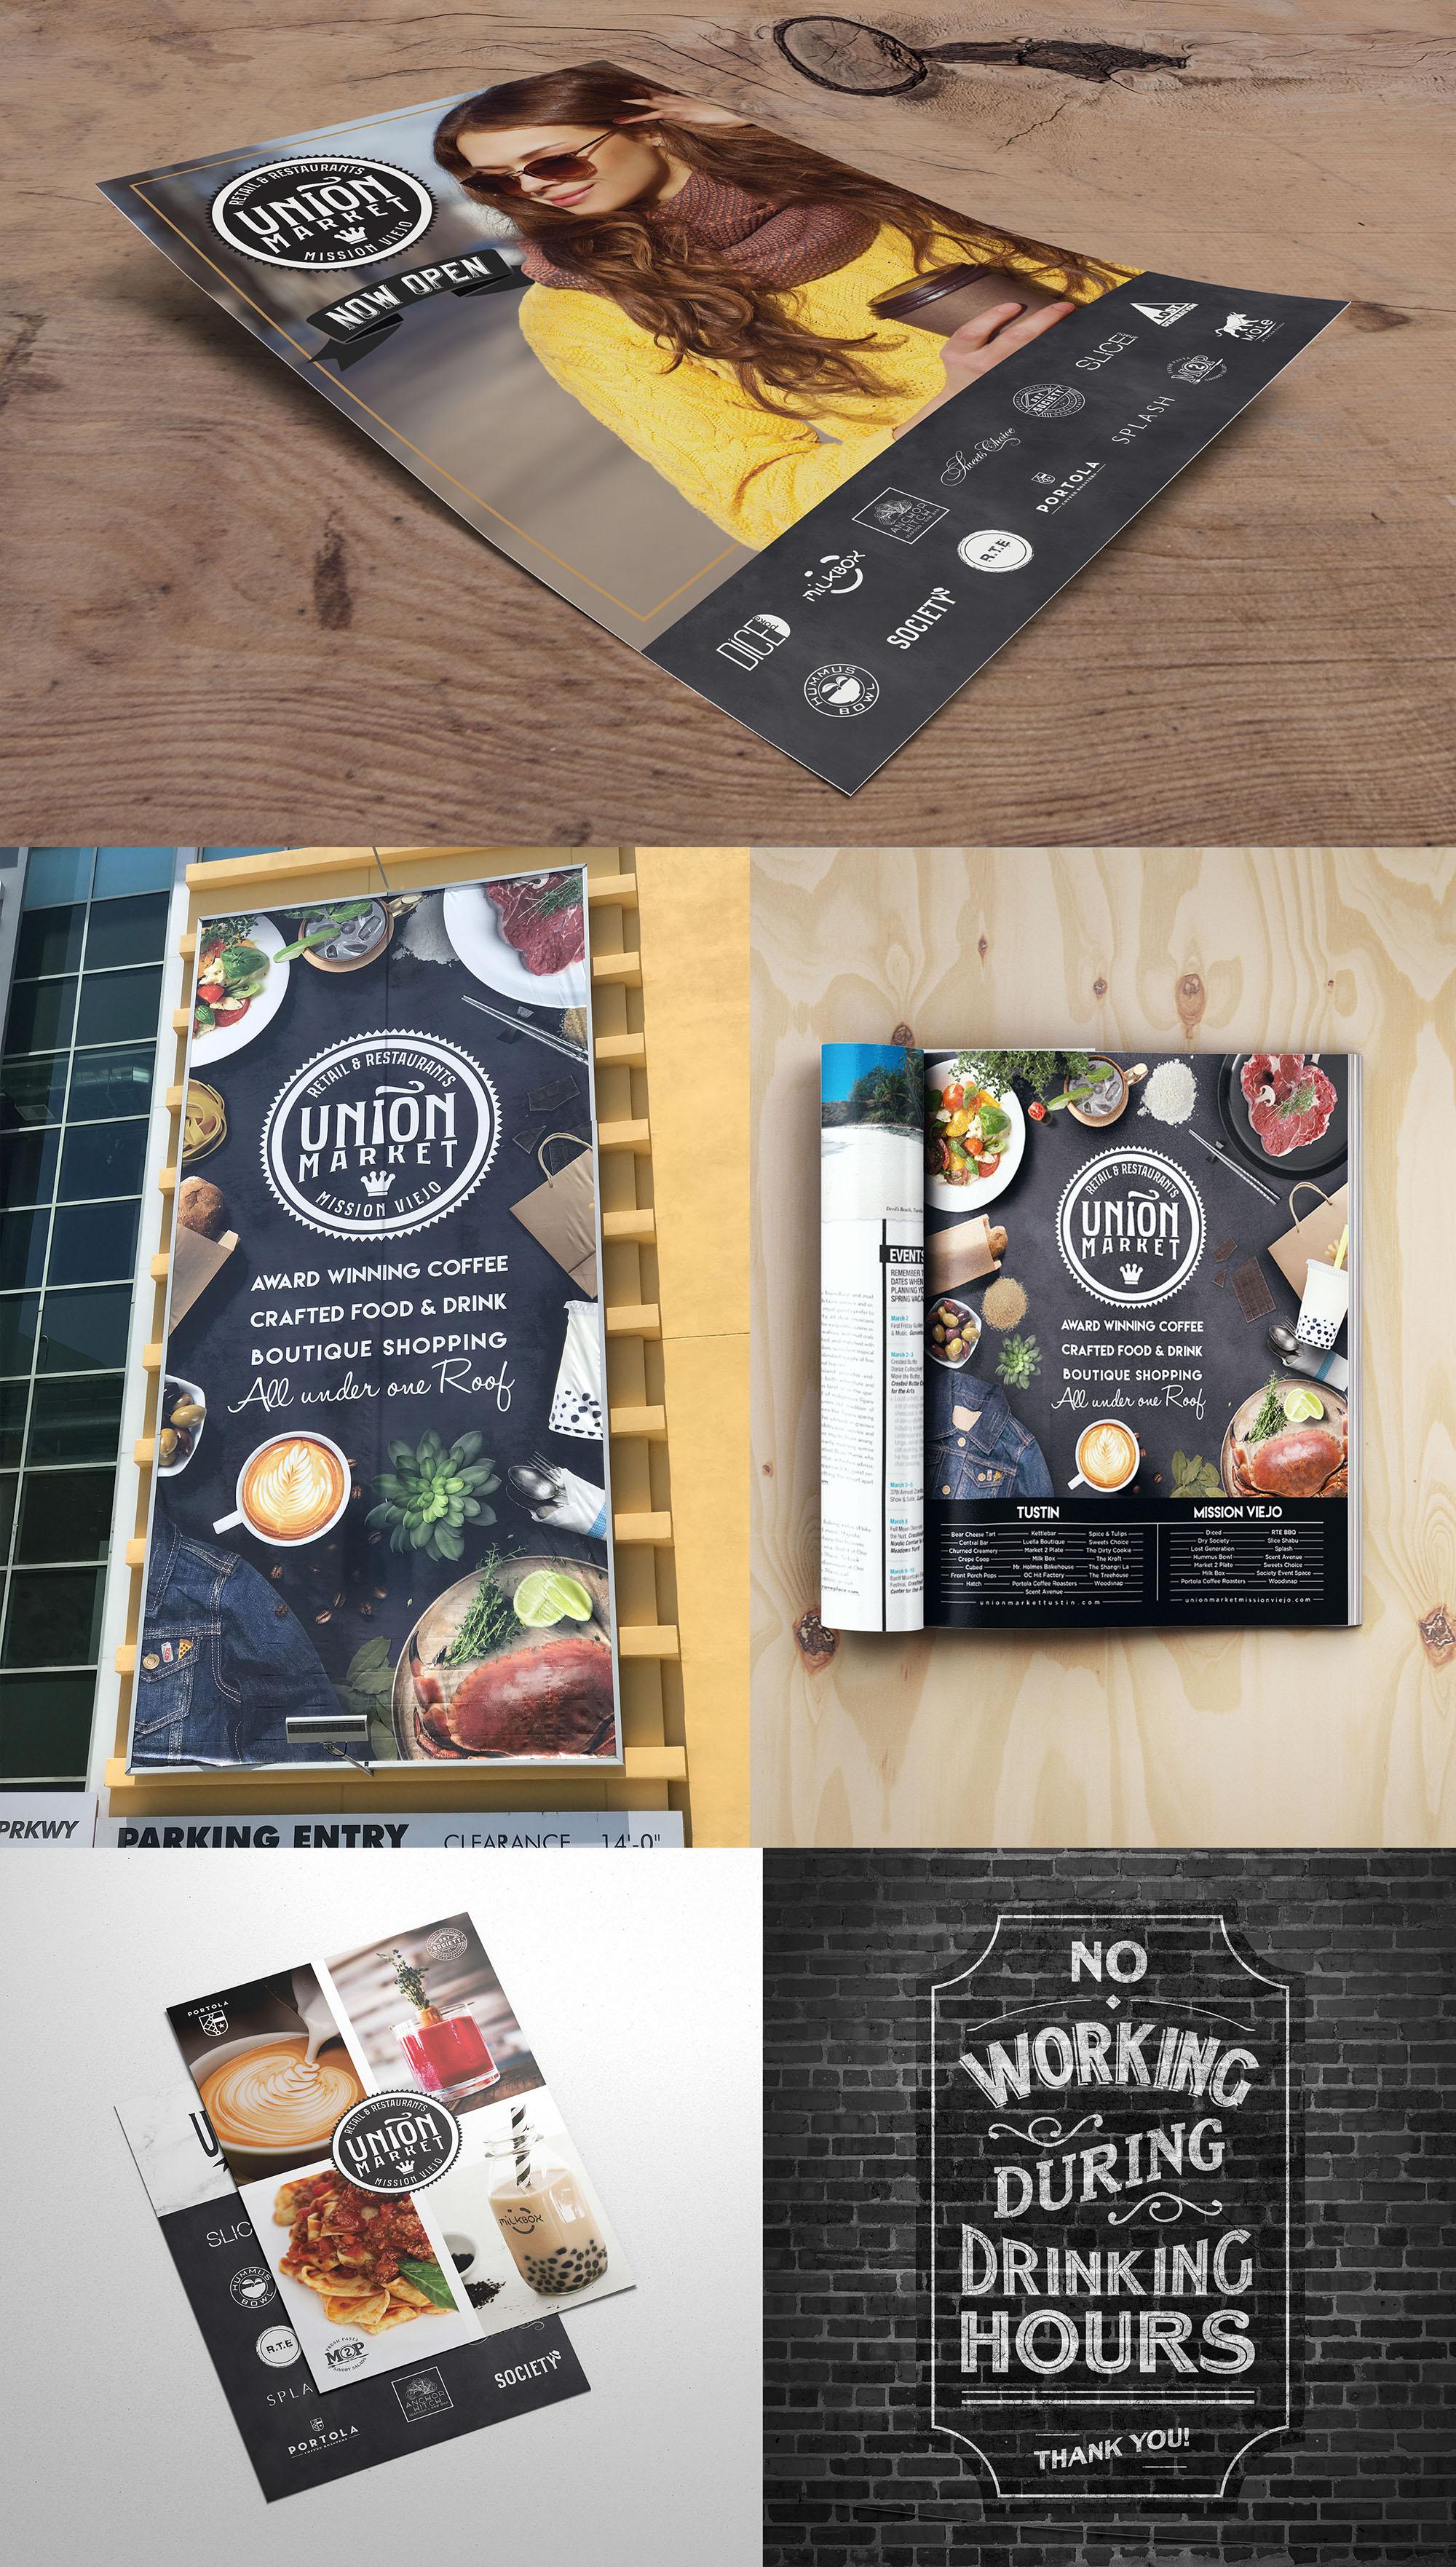 UnionMarket_Branding.jpg